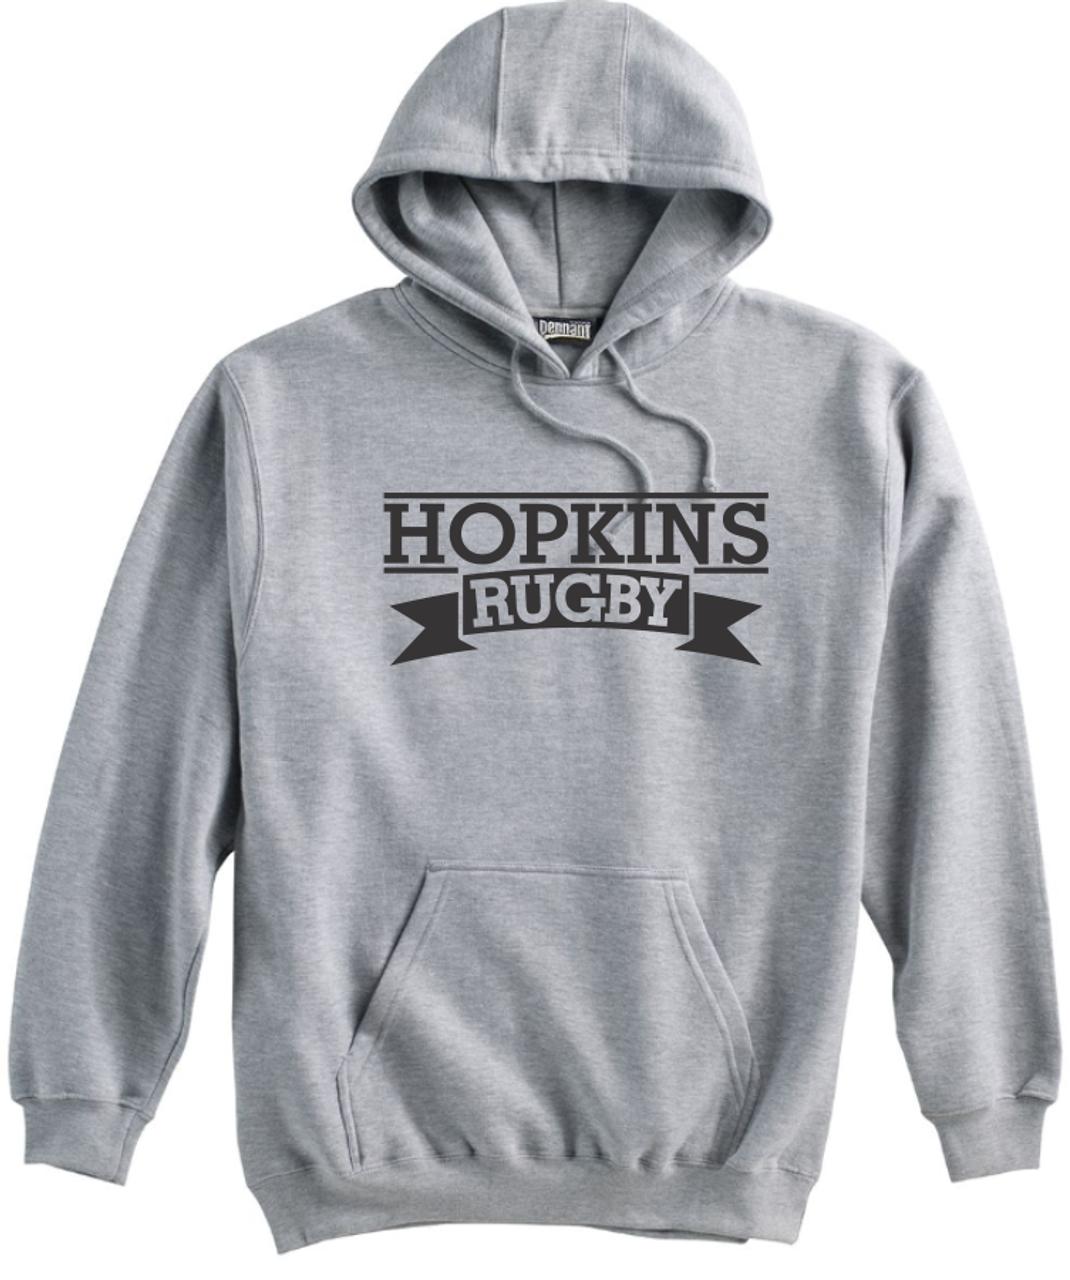 Hopkins Men's Rugby Hoodie, Gray